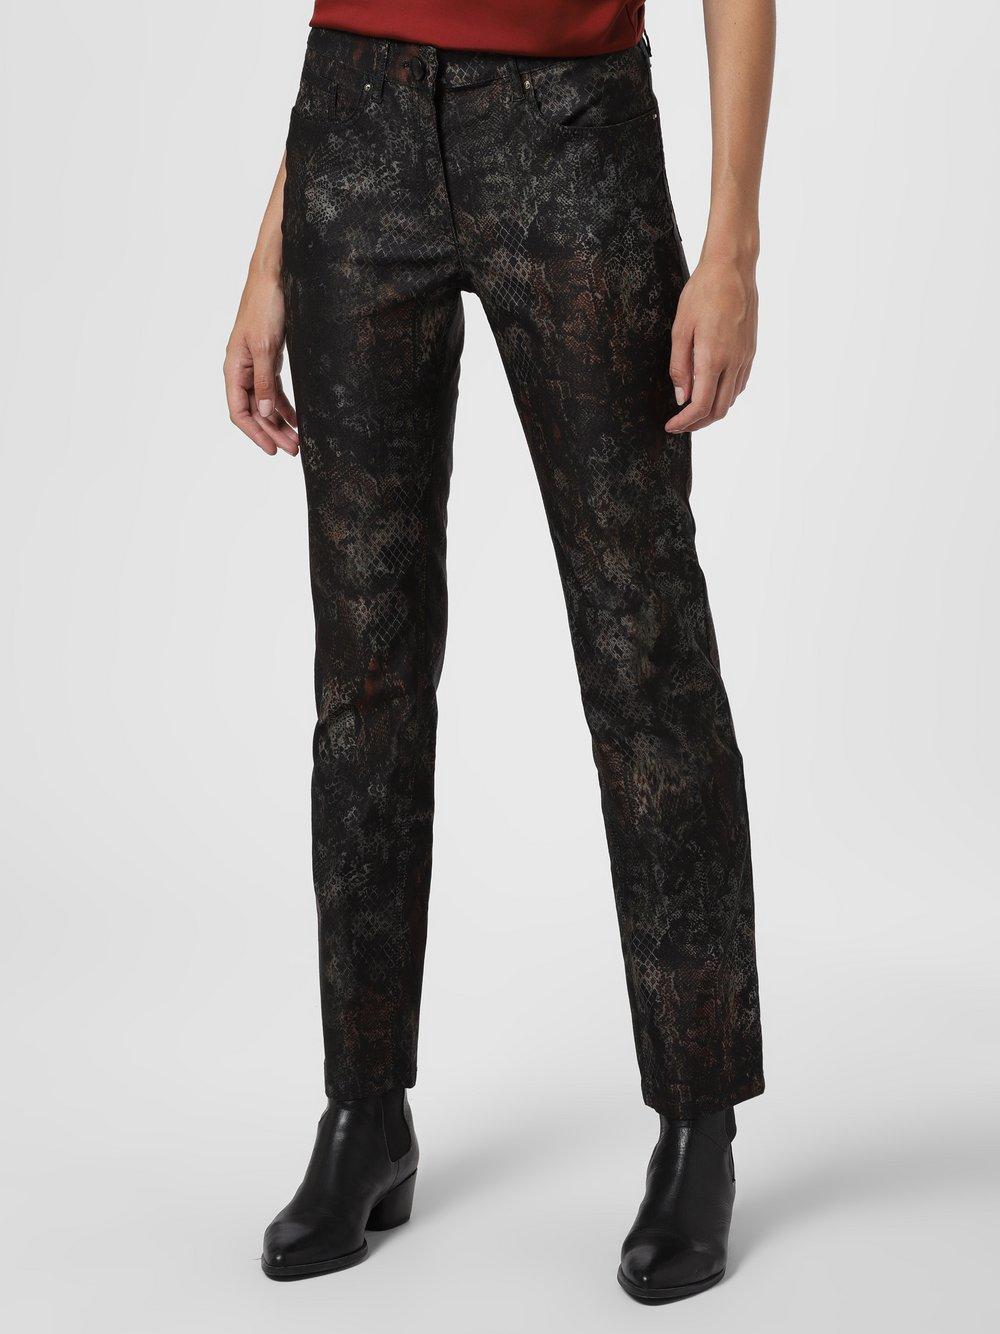 Zerres – Spodnie damskie – Cora, czarny Van Graaf 486239-0001-00360